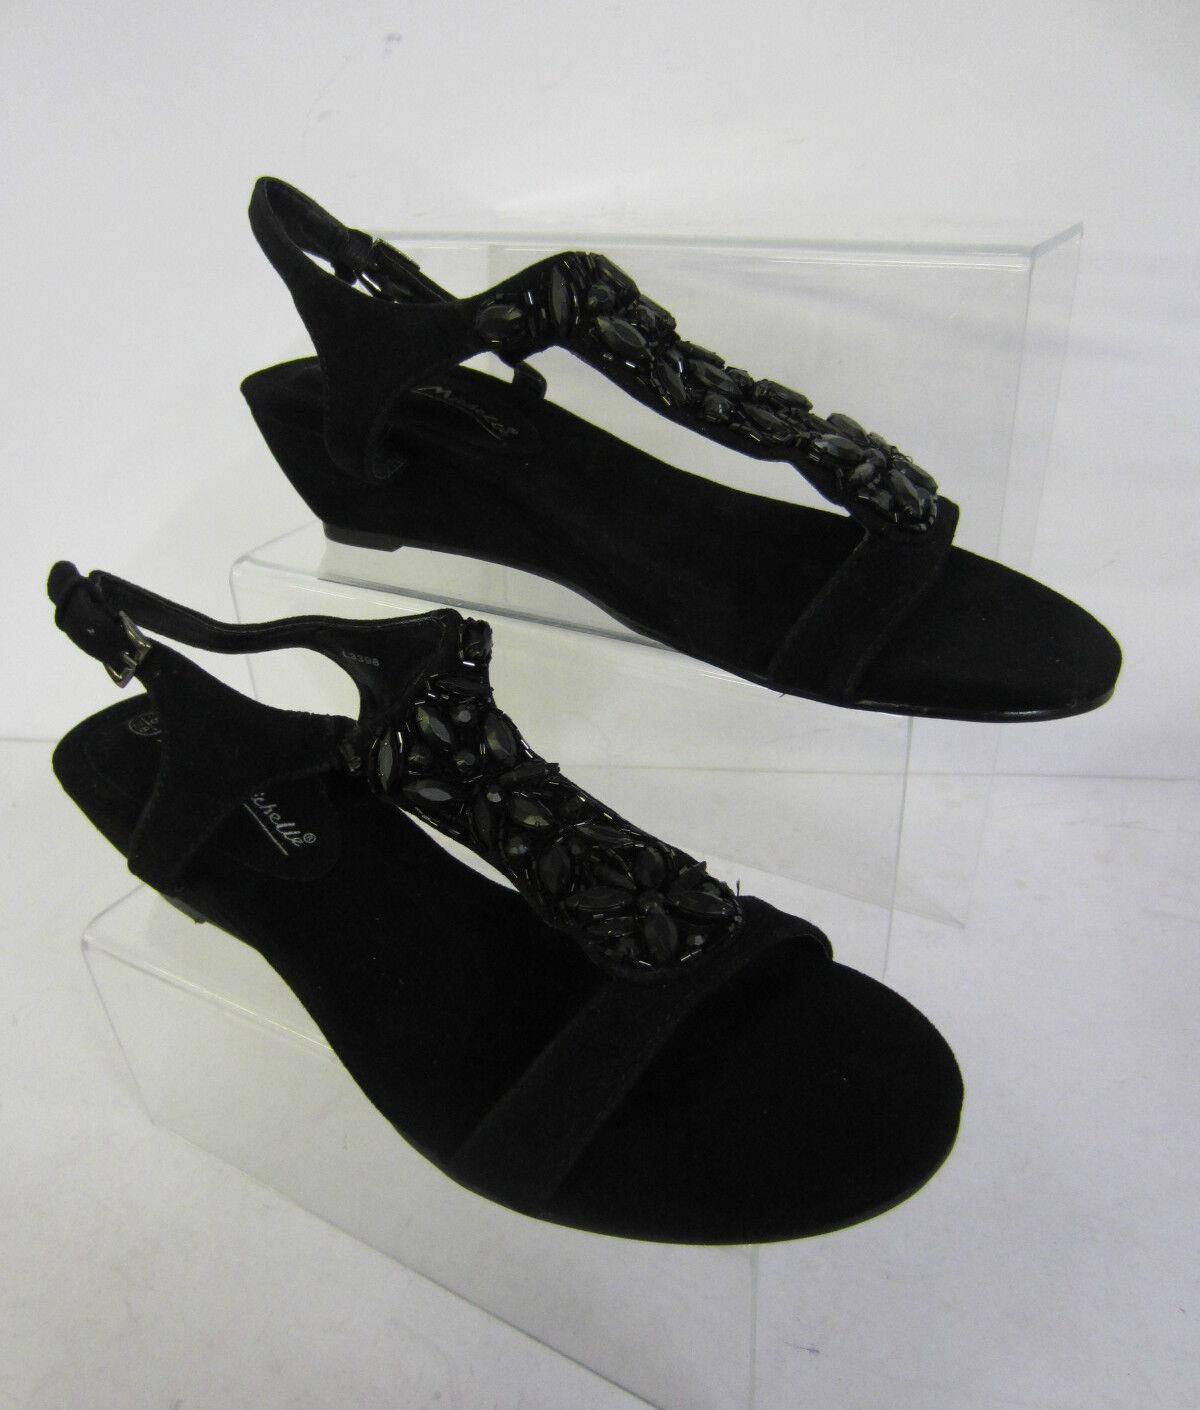 SIGNORE PICCOLE Sandali con alla zeppa dettaglio perline nero cinturino alla con caviglia b0d7e1